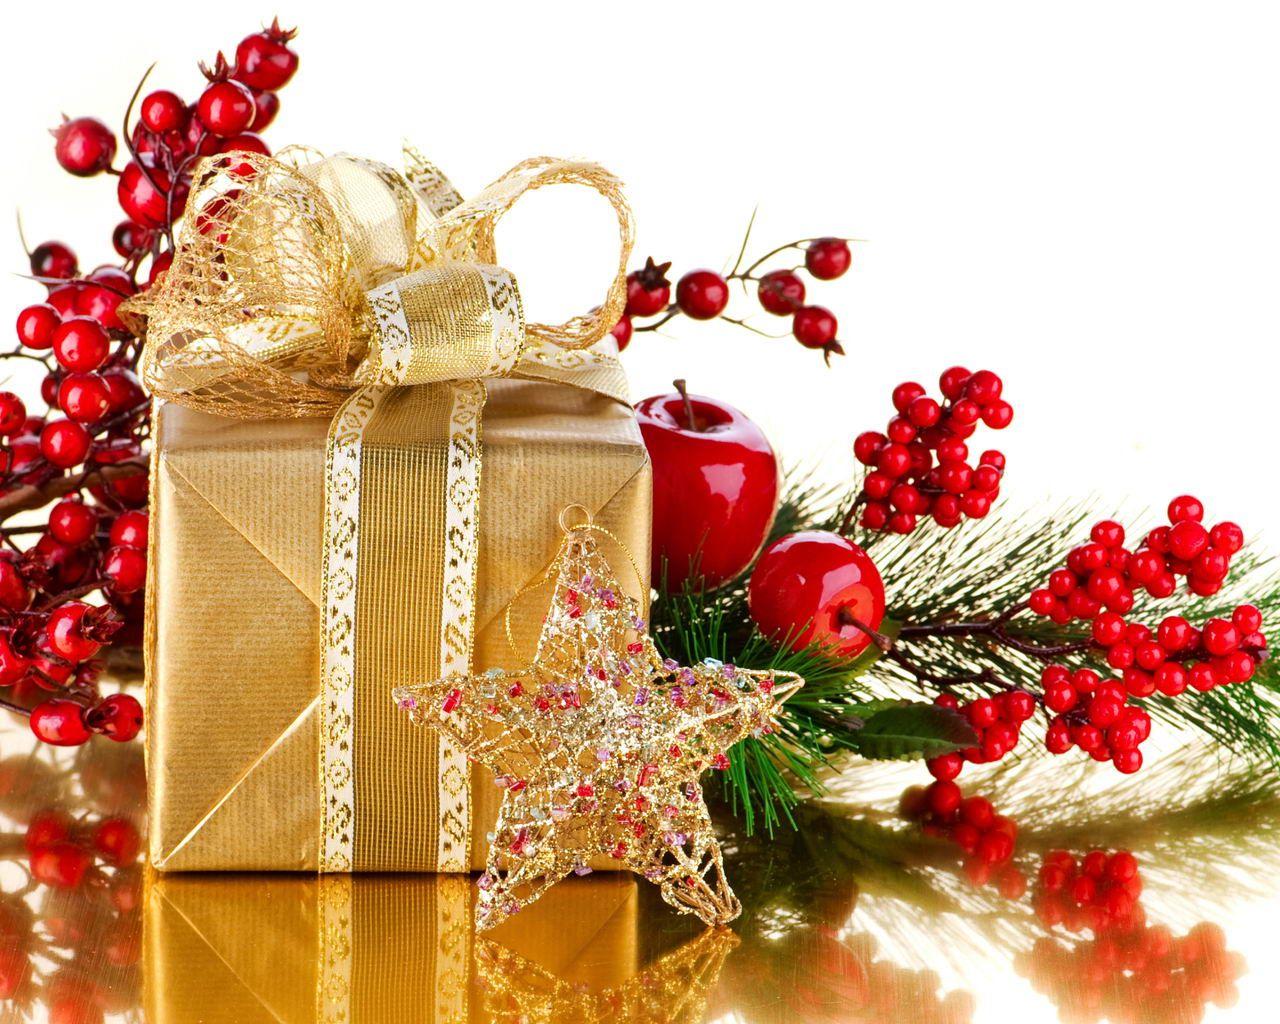 Подарки на Новый год: выбираем простые и нужные вещи